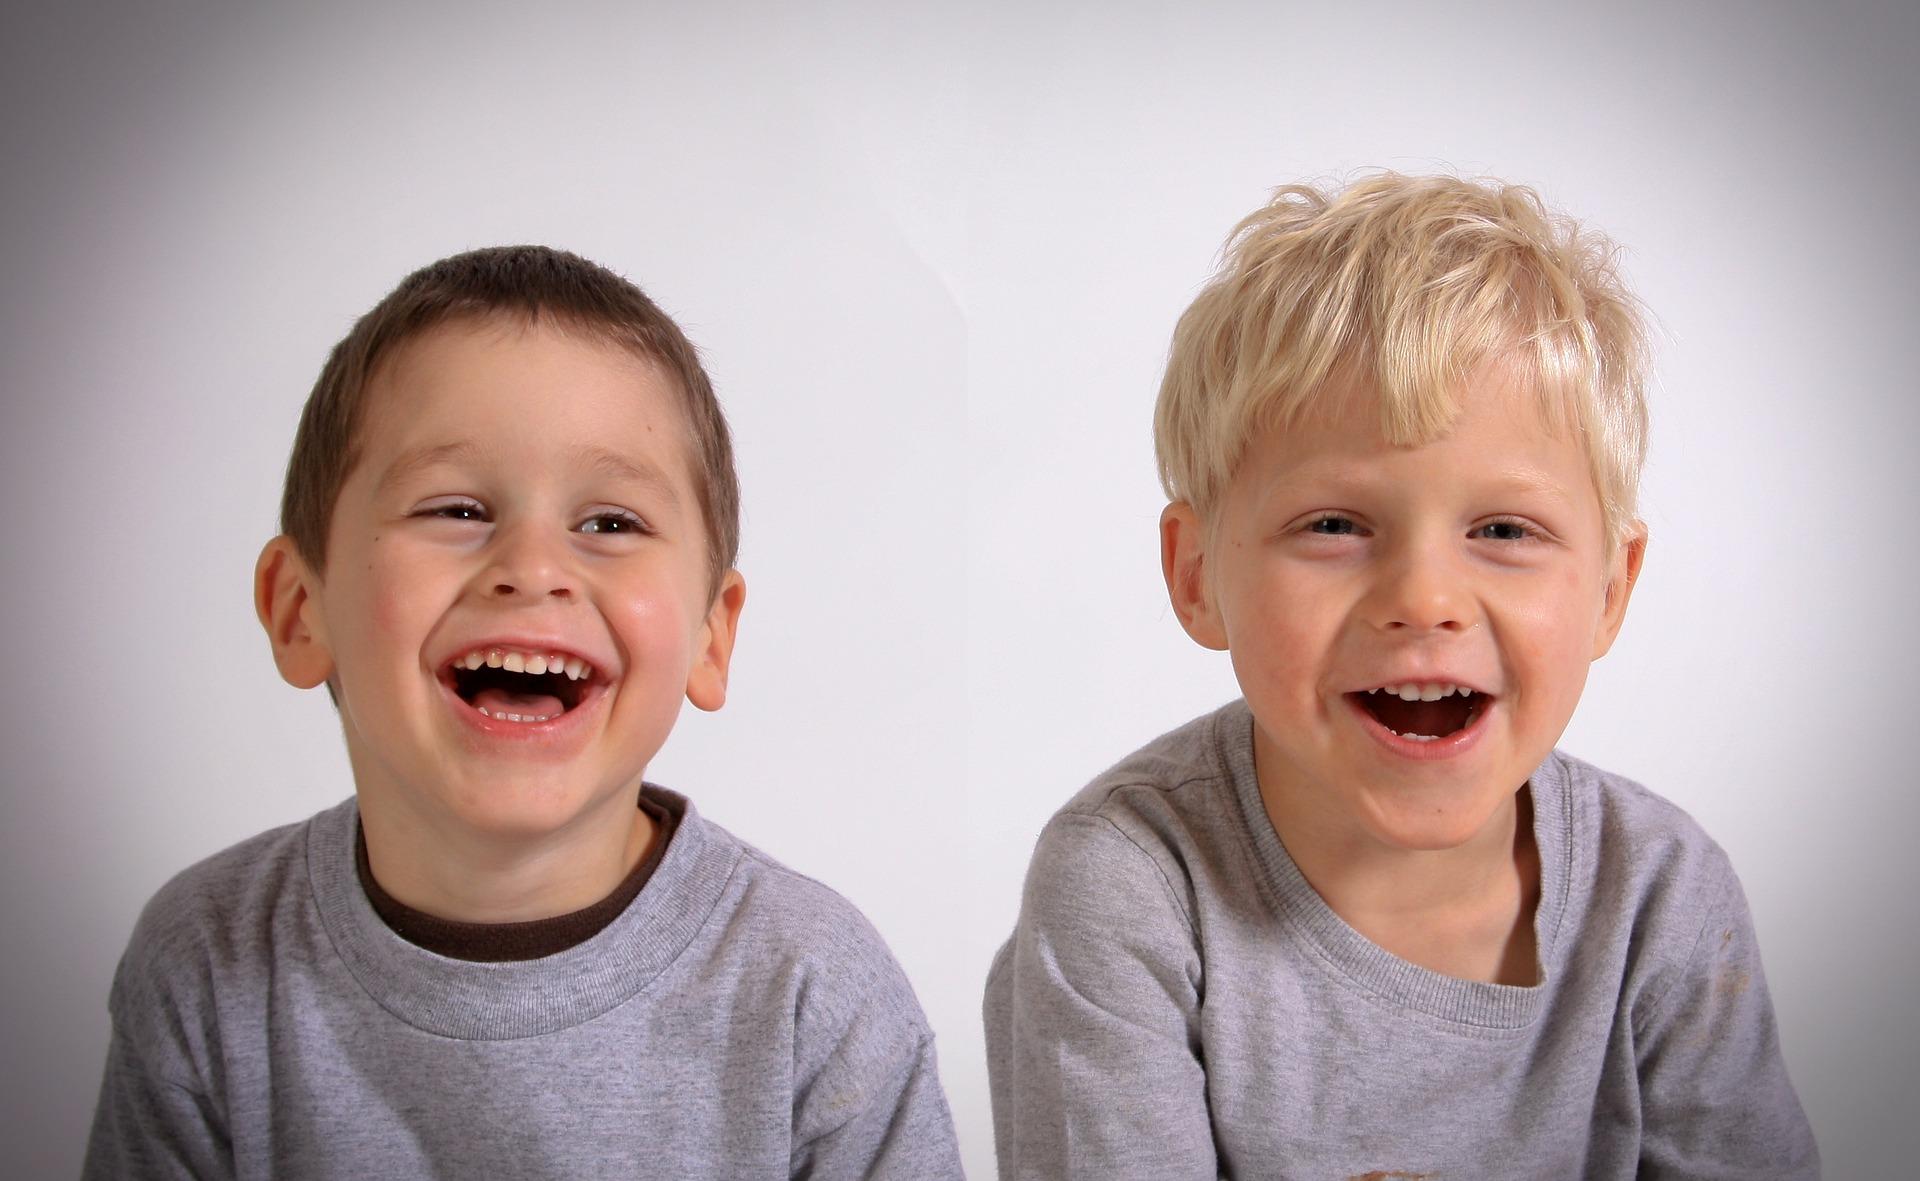 boys-286151_1920.jpg